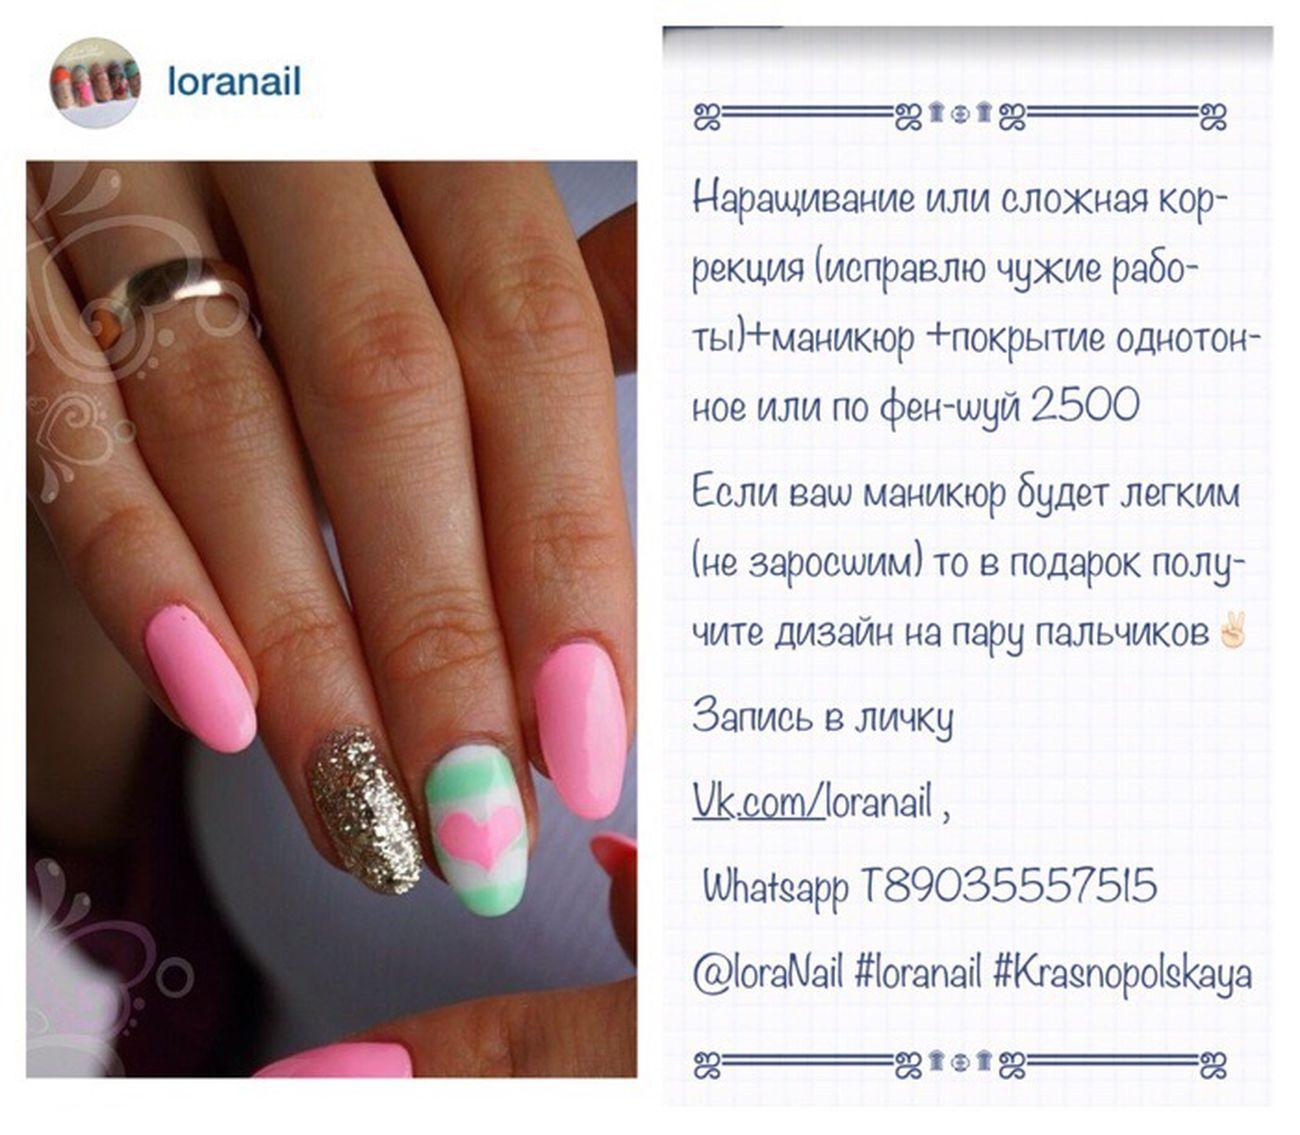 мытищи_комарова_2 мытищи Краснопольская ногти_мытищи